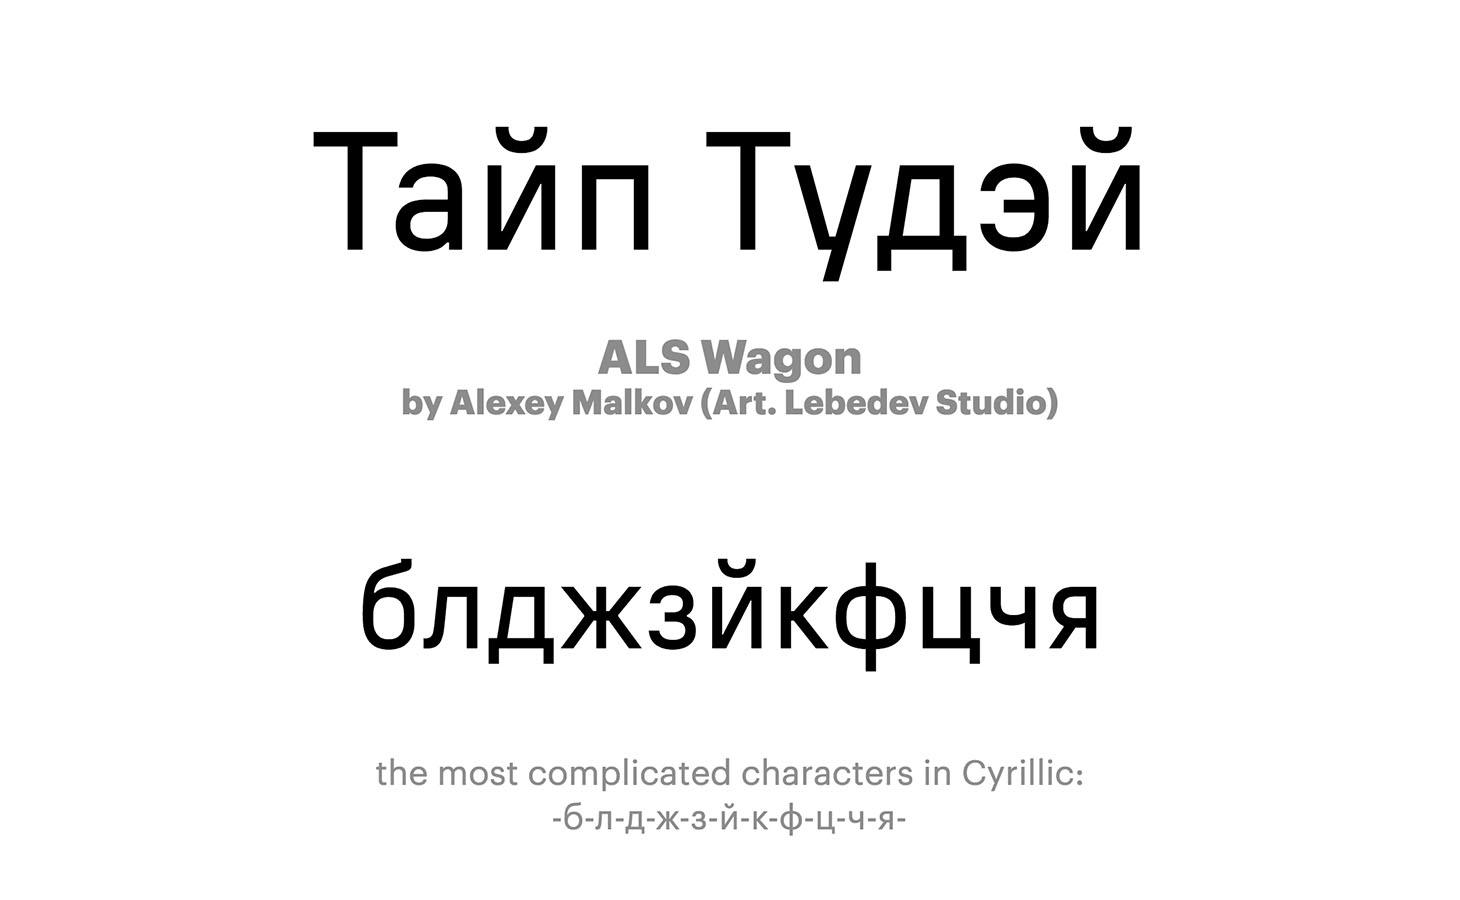 ALS-Wagon